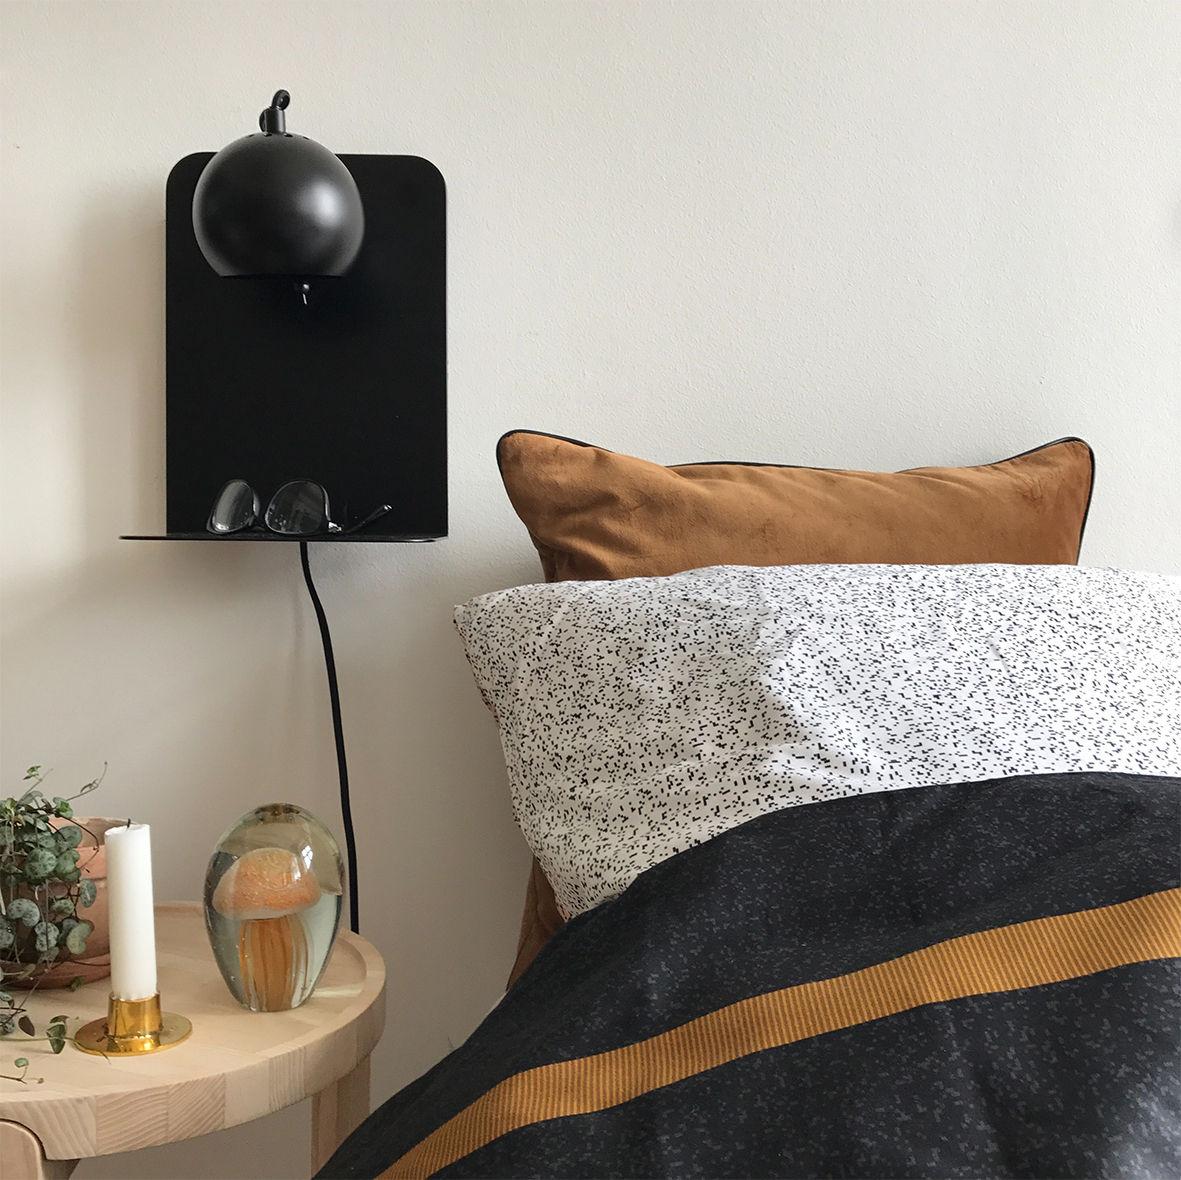 applique avec prise ball frandsen noir mat l 22 x h 30 x 7 made in design. Black Bedroom Furniture Sets. Home Design Ideas